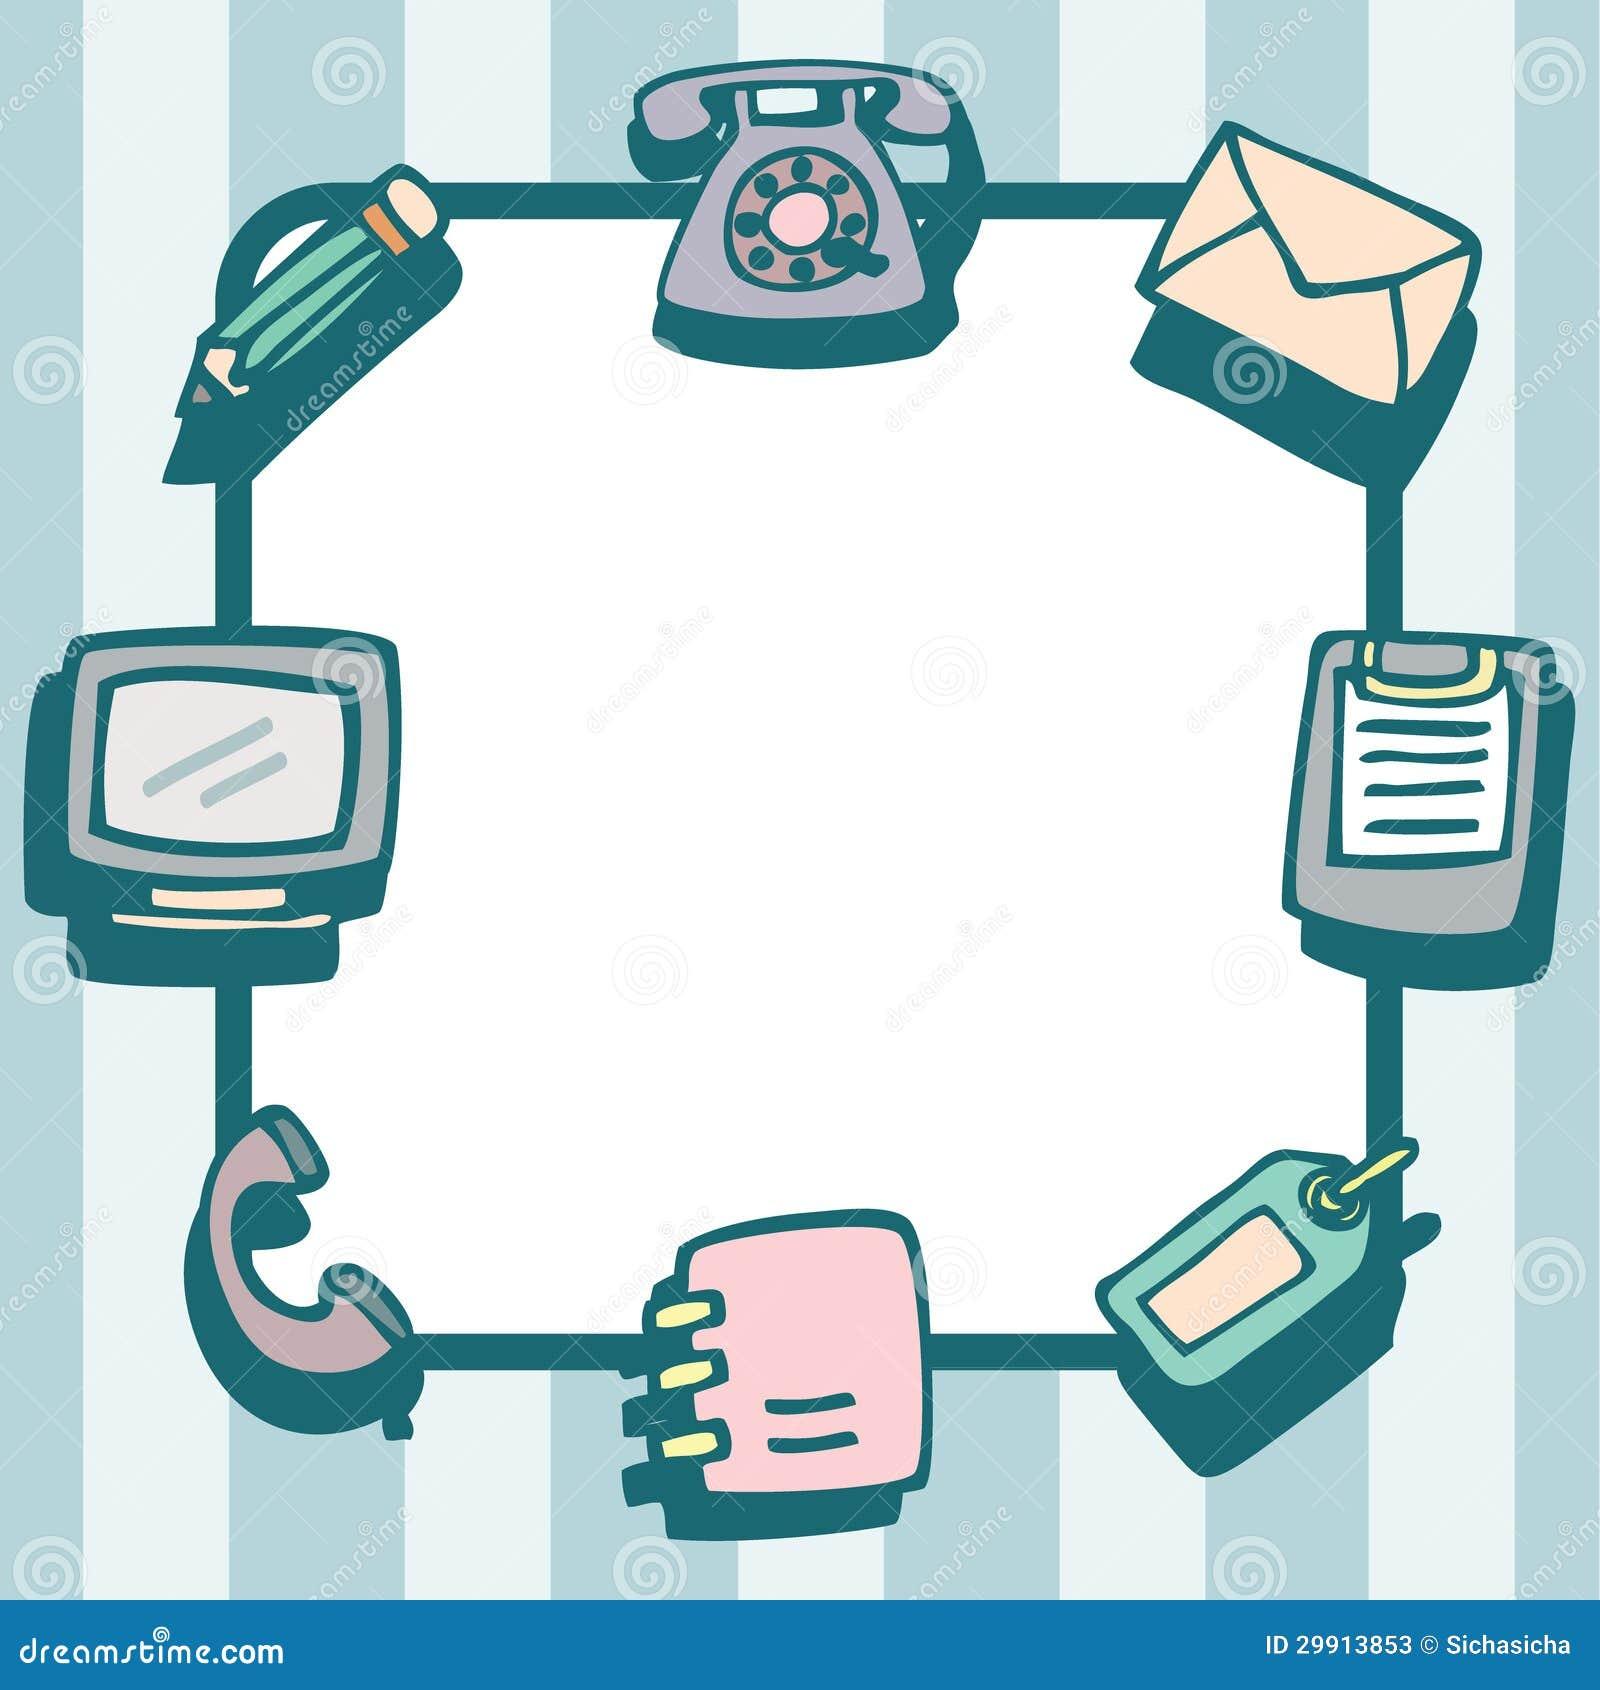 Werkzeuge Und Gegenstände Für Büro-Kommunikations-Rahmen Vektor ...